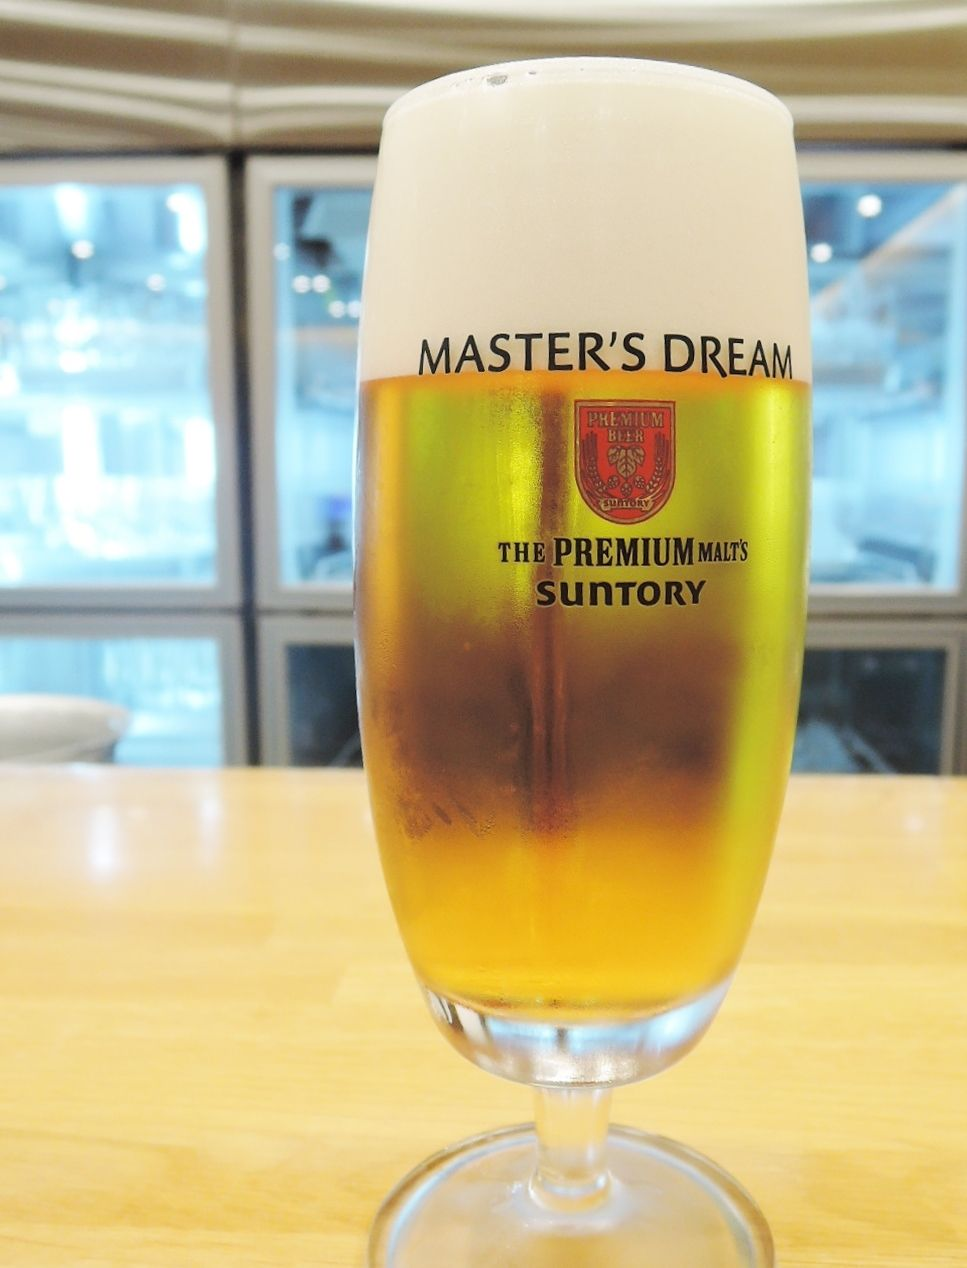 無料試飲は3杯まで。醸造家の夢、マスターズドリームも試飲できます!